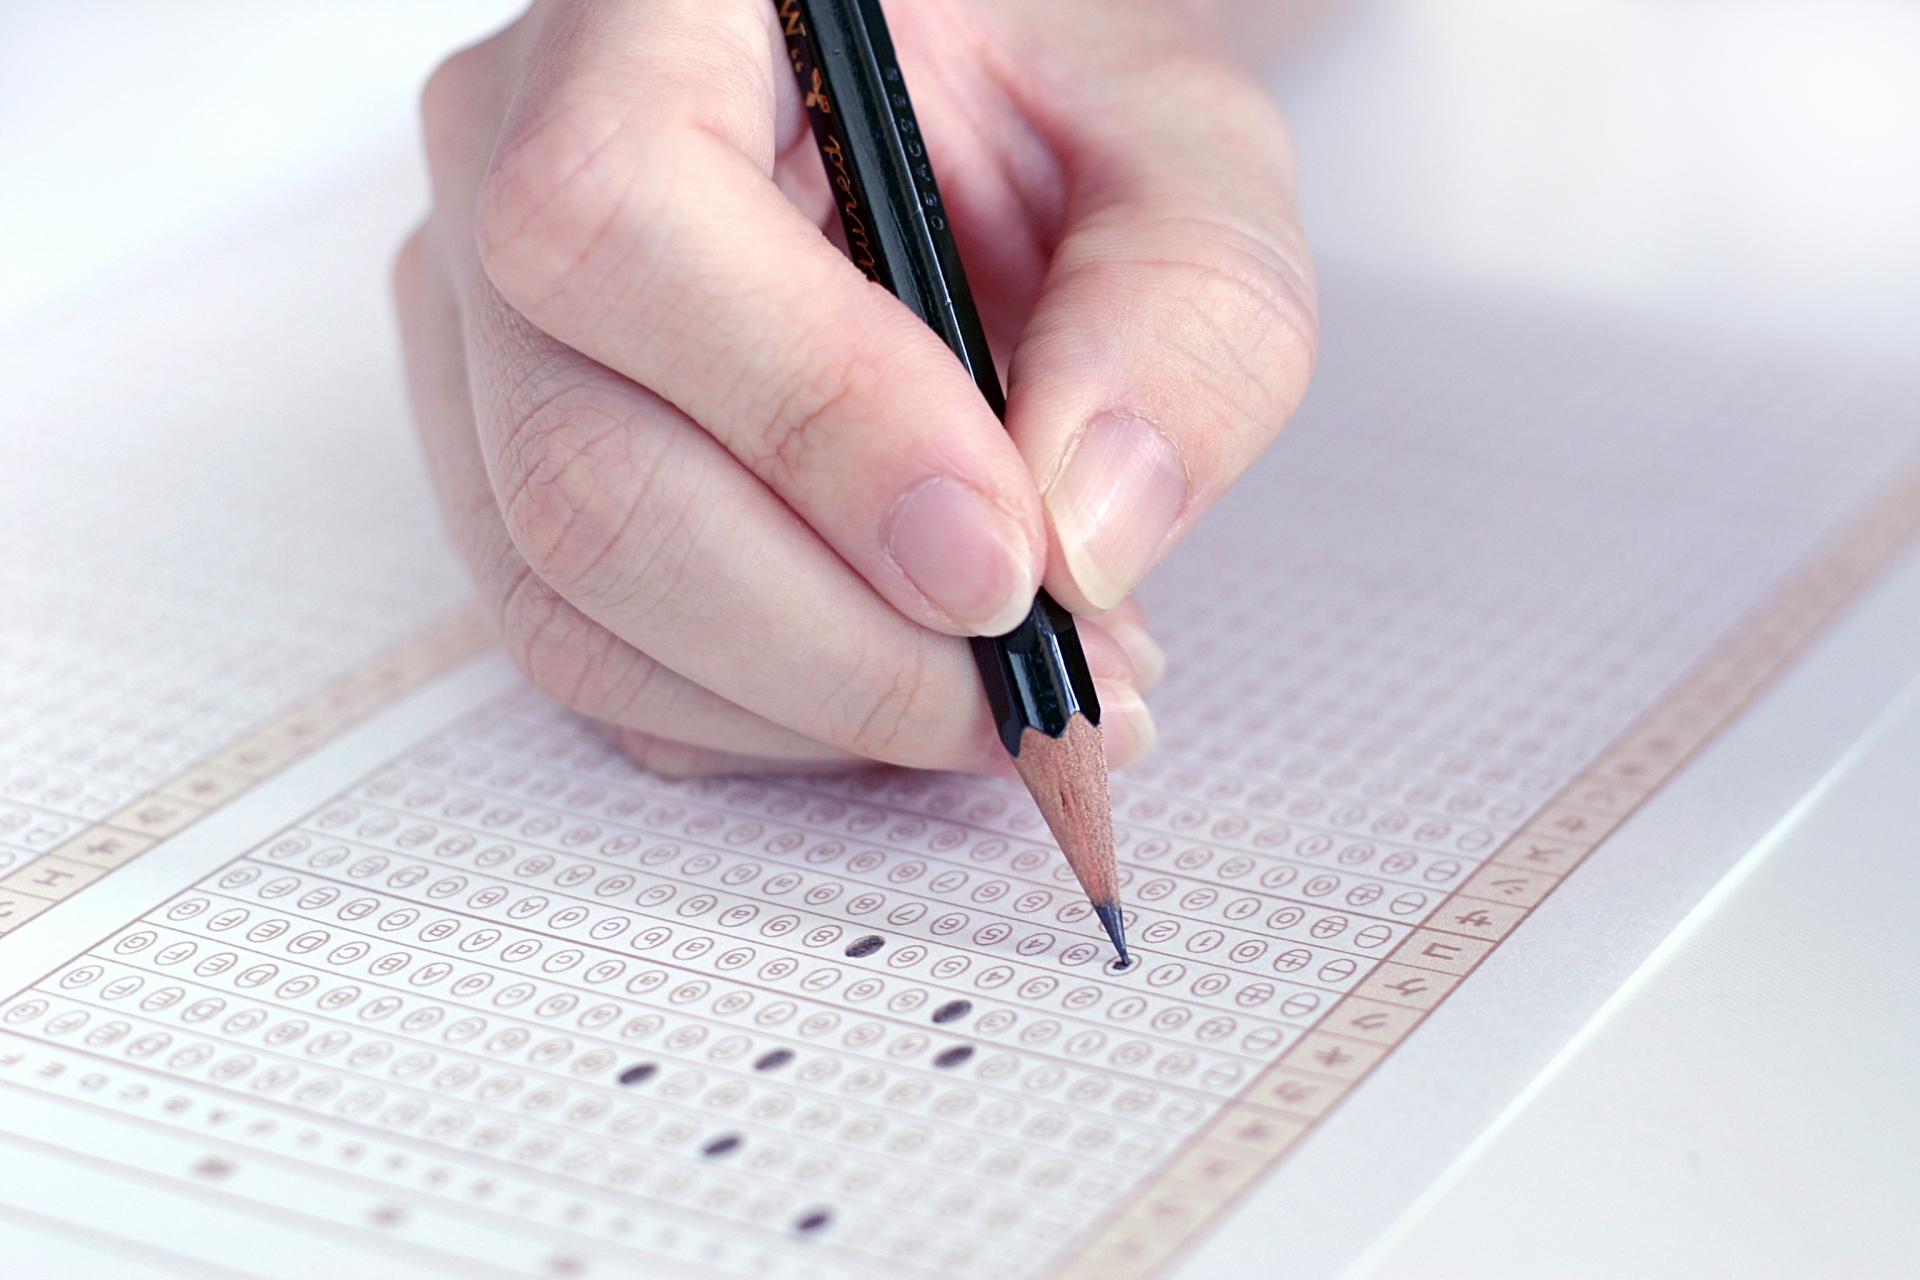 センター試験の持ち物に便利な物とは?試験に万全で臨む方法とは